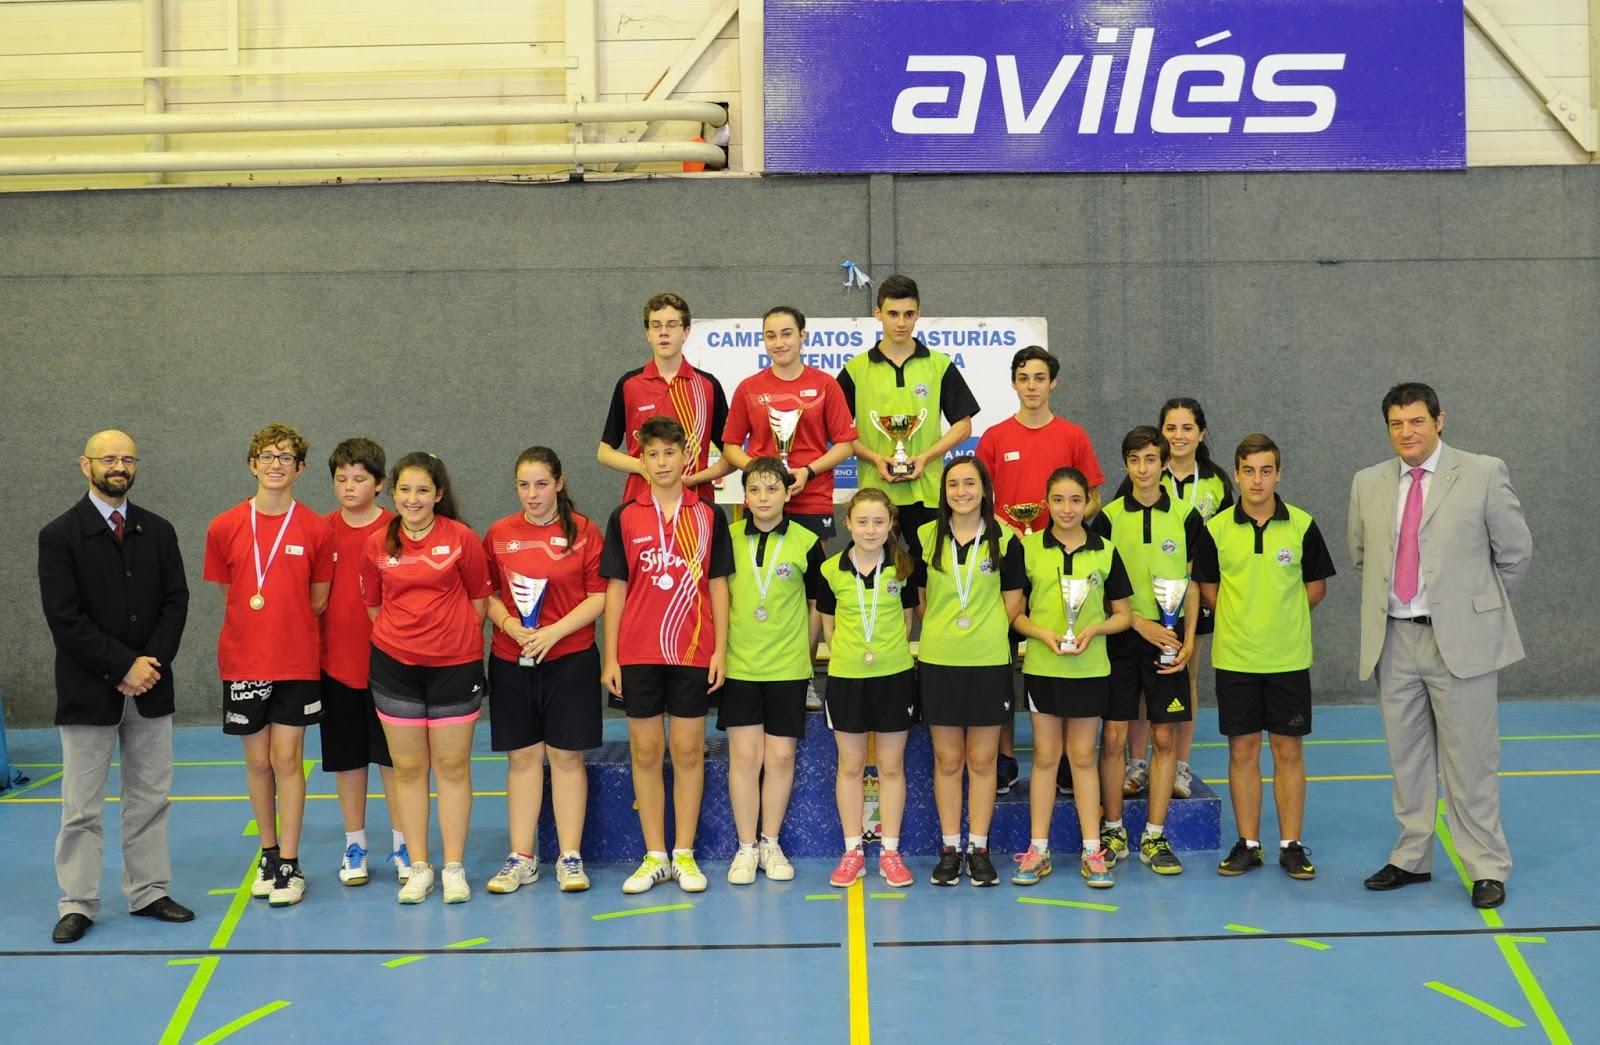 Federaci n de tenis de mesa del principado de asturias campeonato de asturias infantil - Aviles tenis de mesa ...